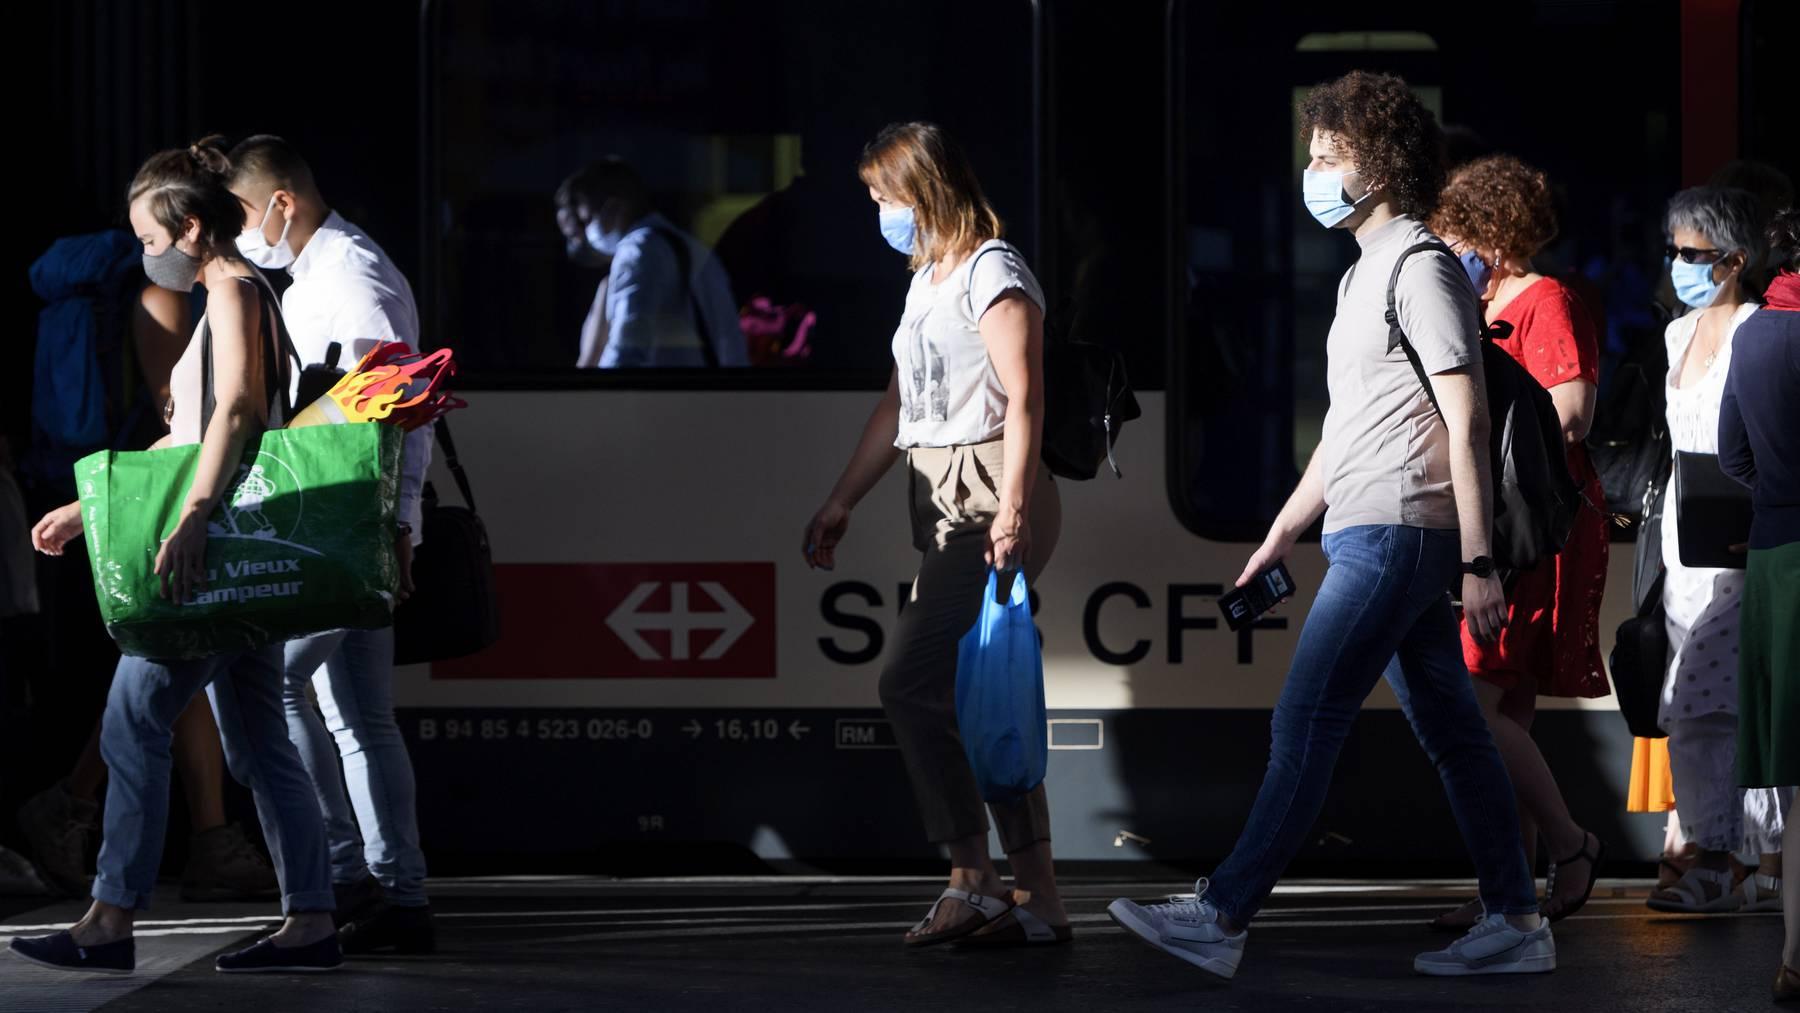 Zugpassagiere mit Masken am Bahnhof in Lausanne